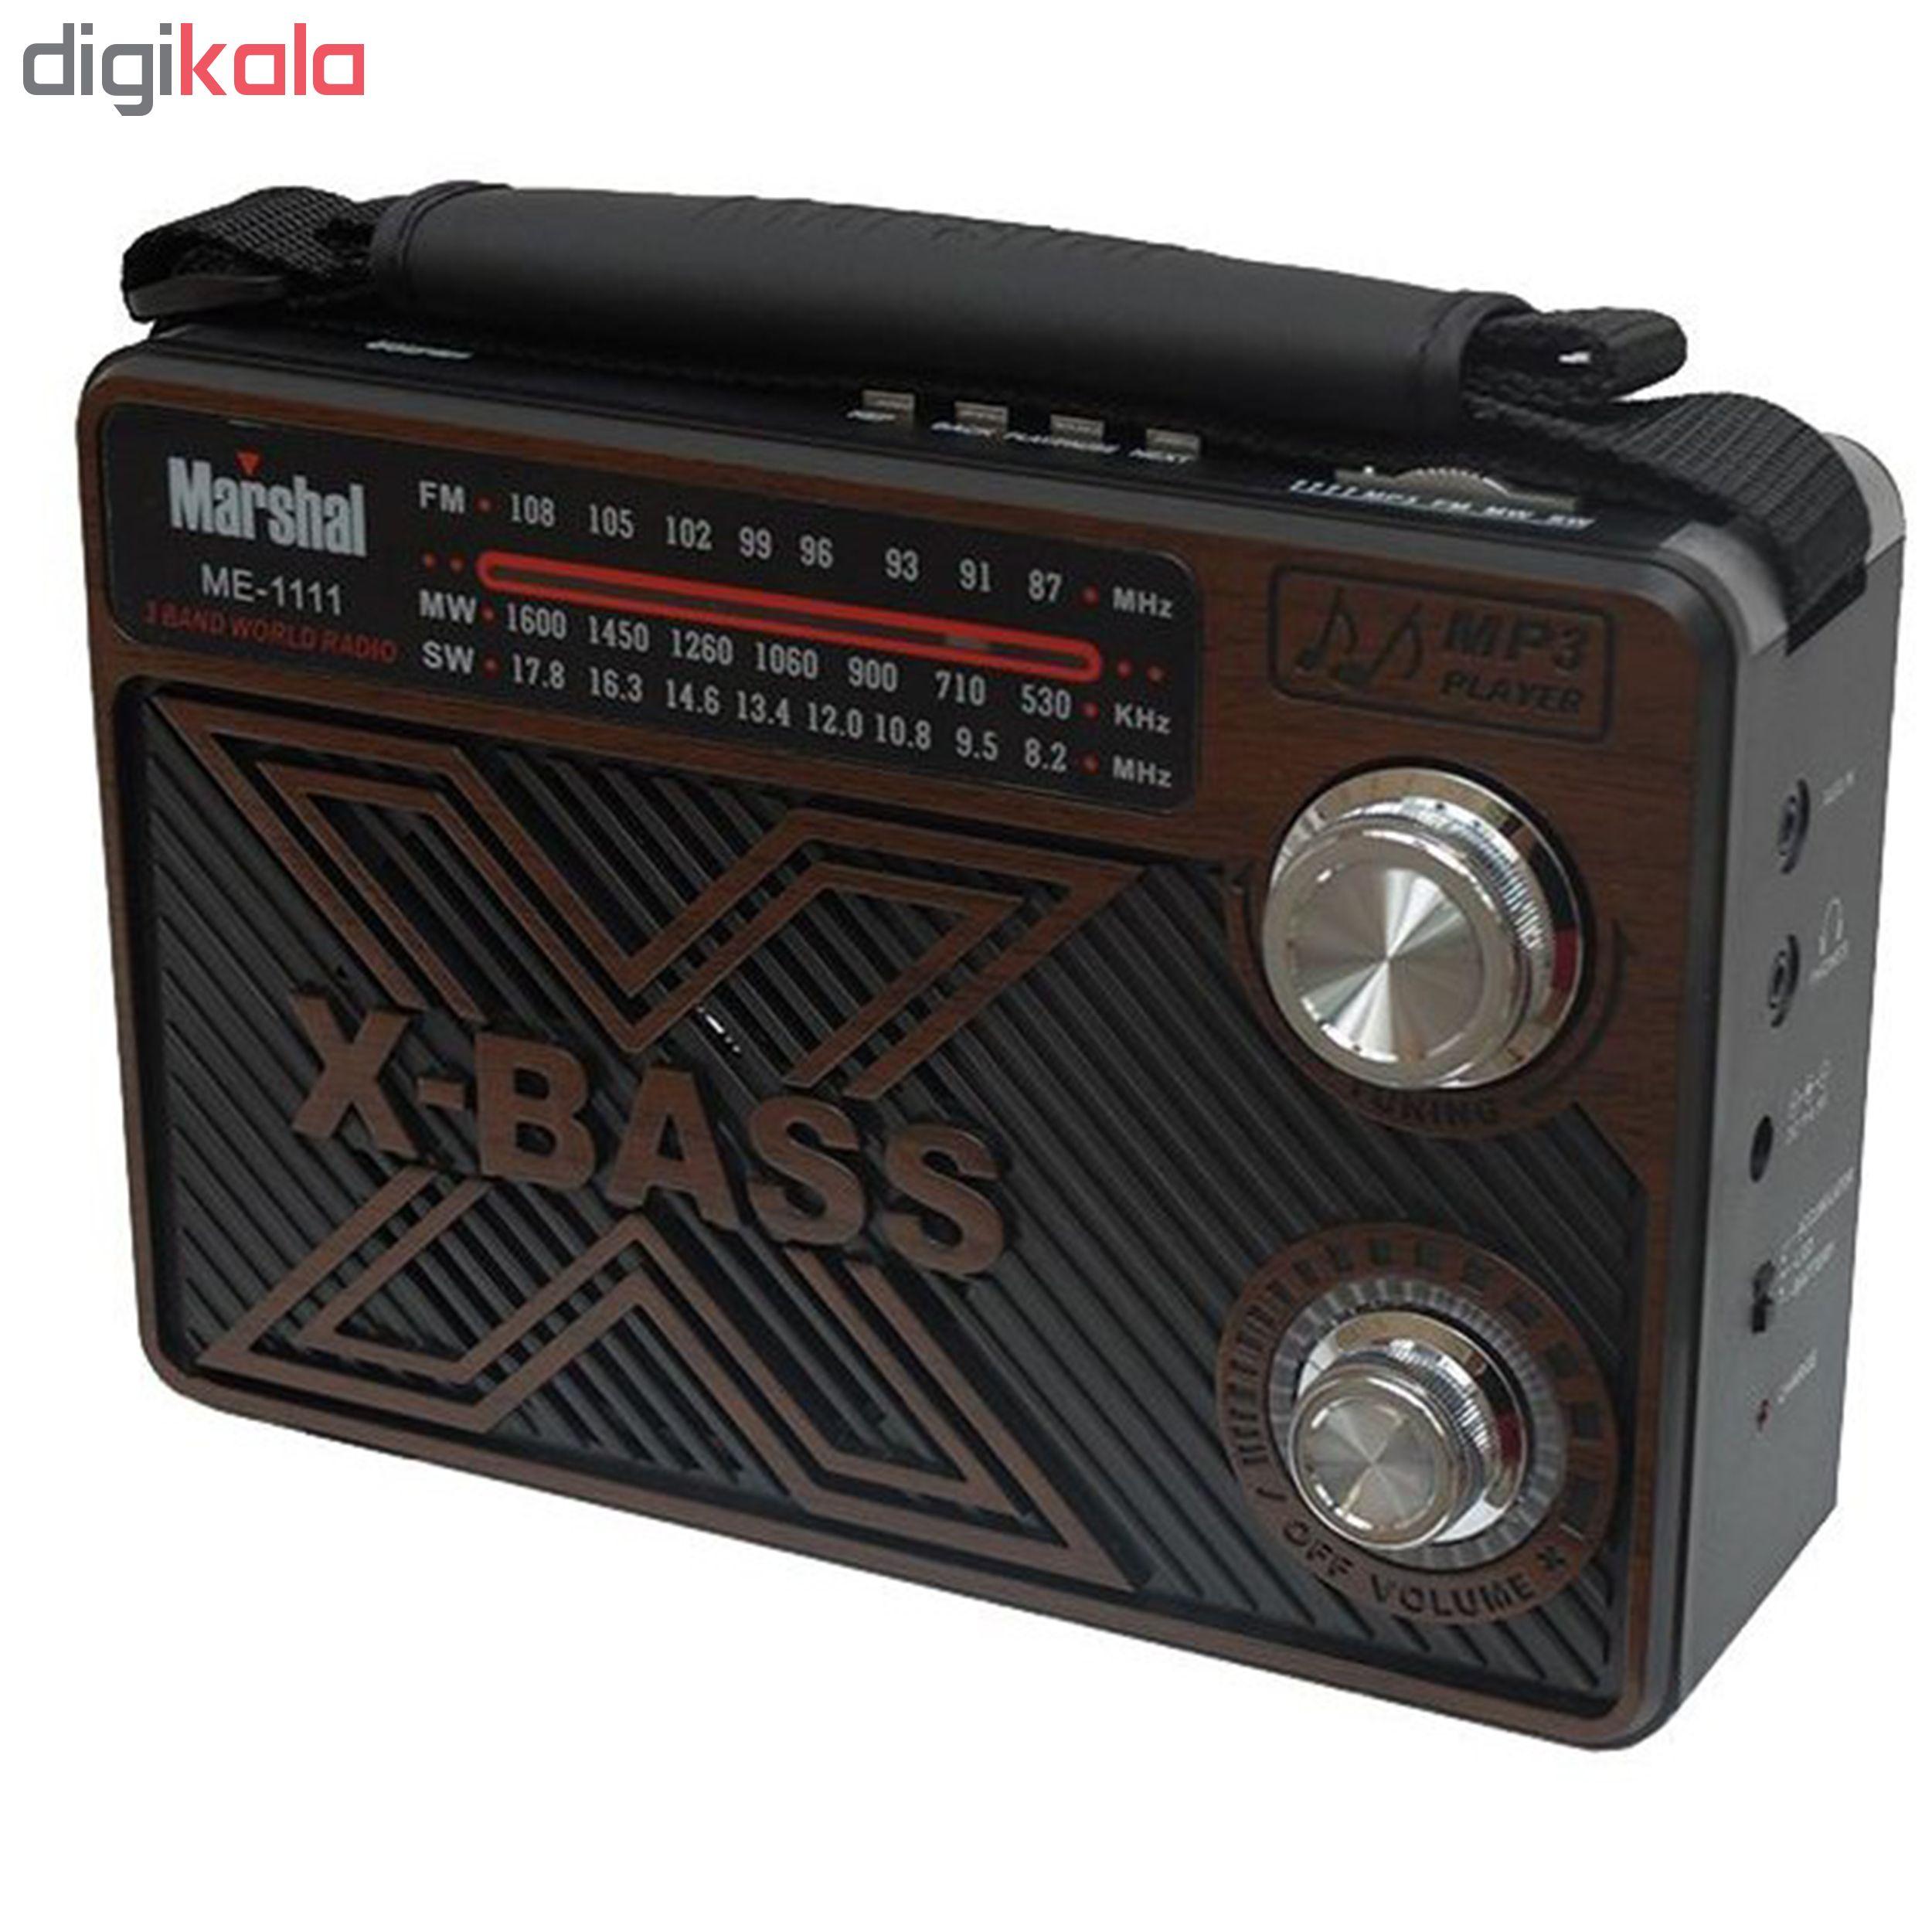 رادیو مارشال مدل ME-1111